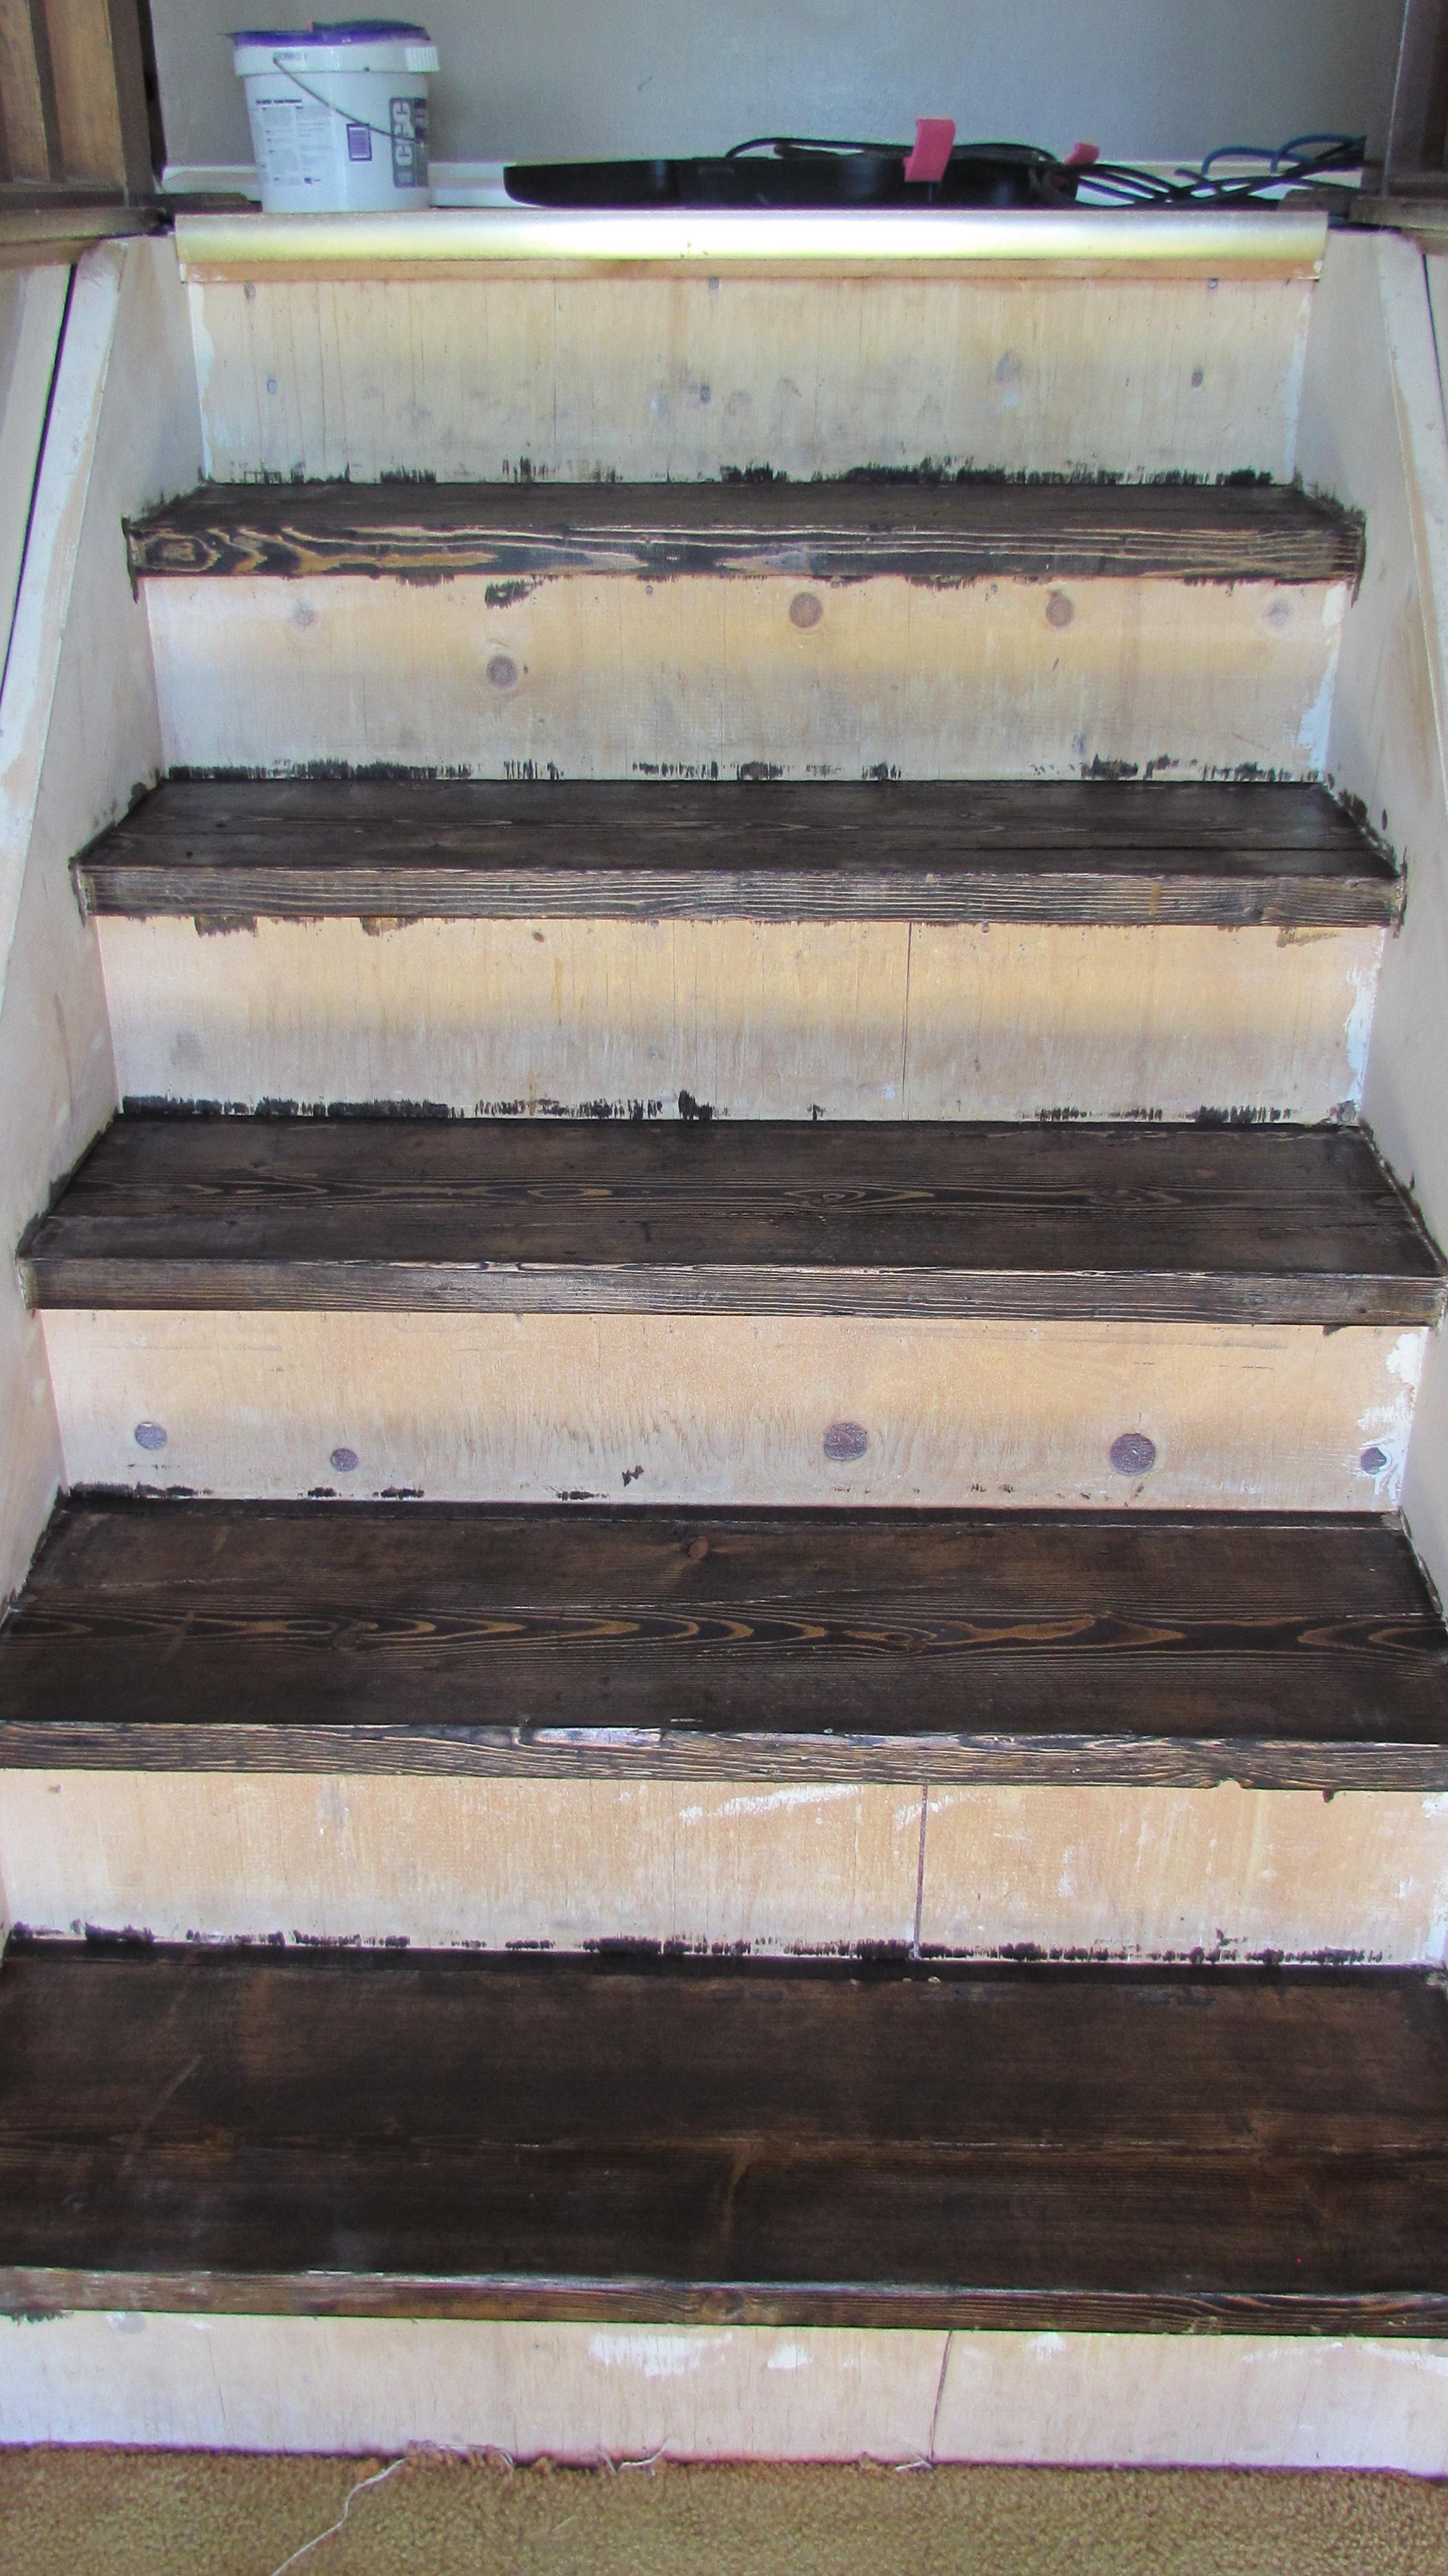 Staining Stairs | Hometownloving.com